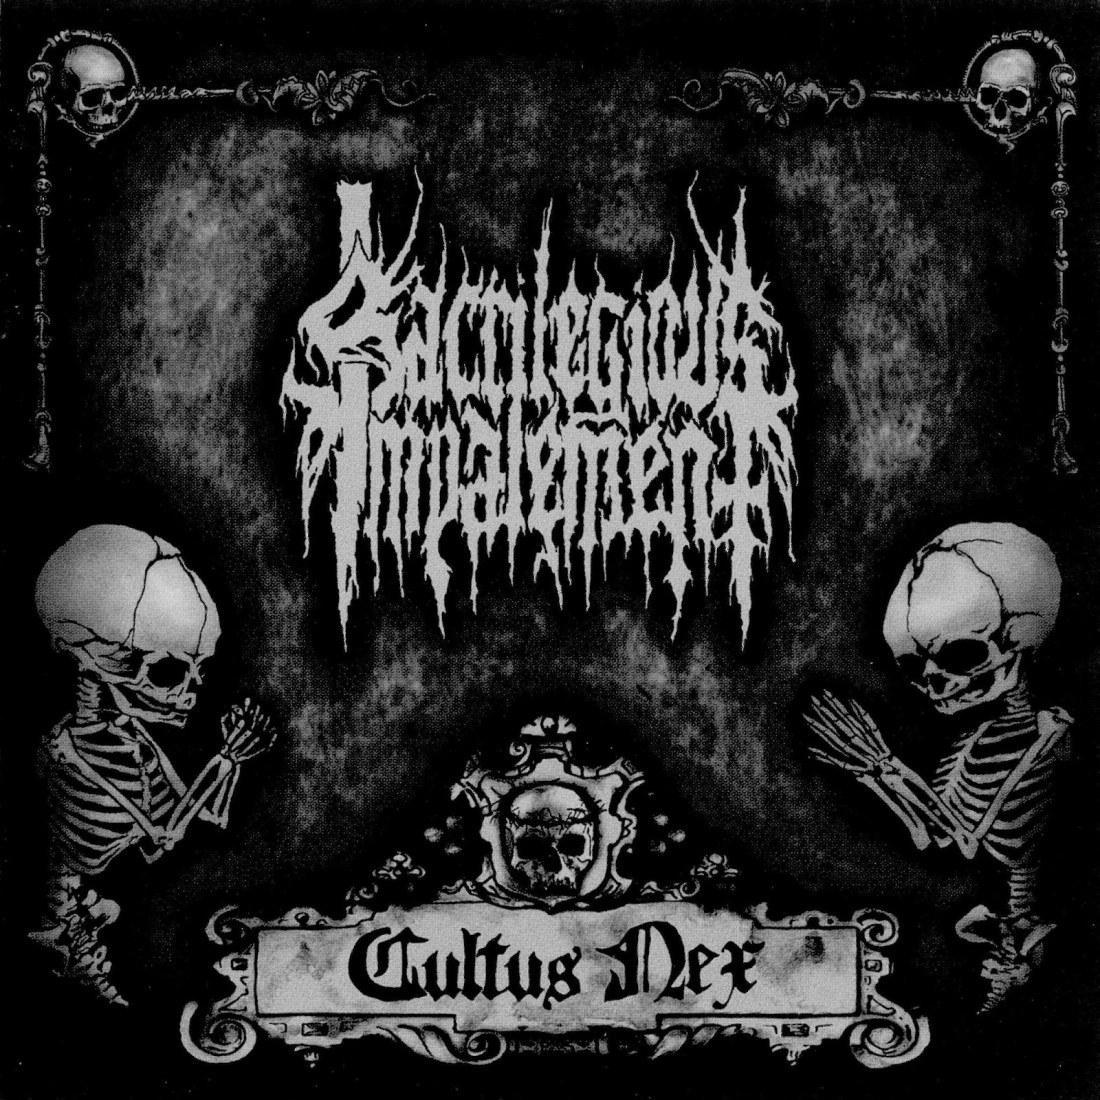 Review for Sacrilegious Impalement - Cultus Nex